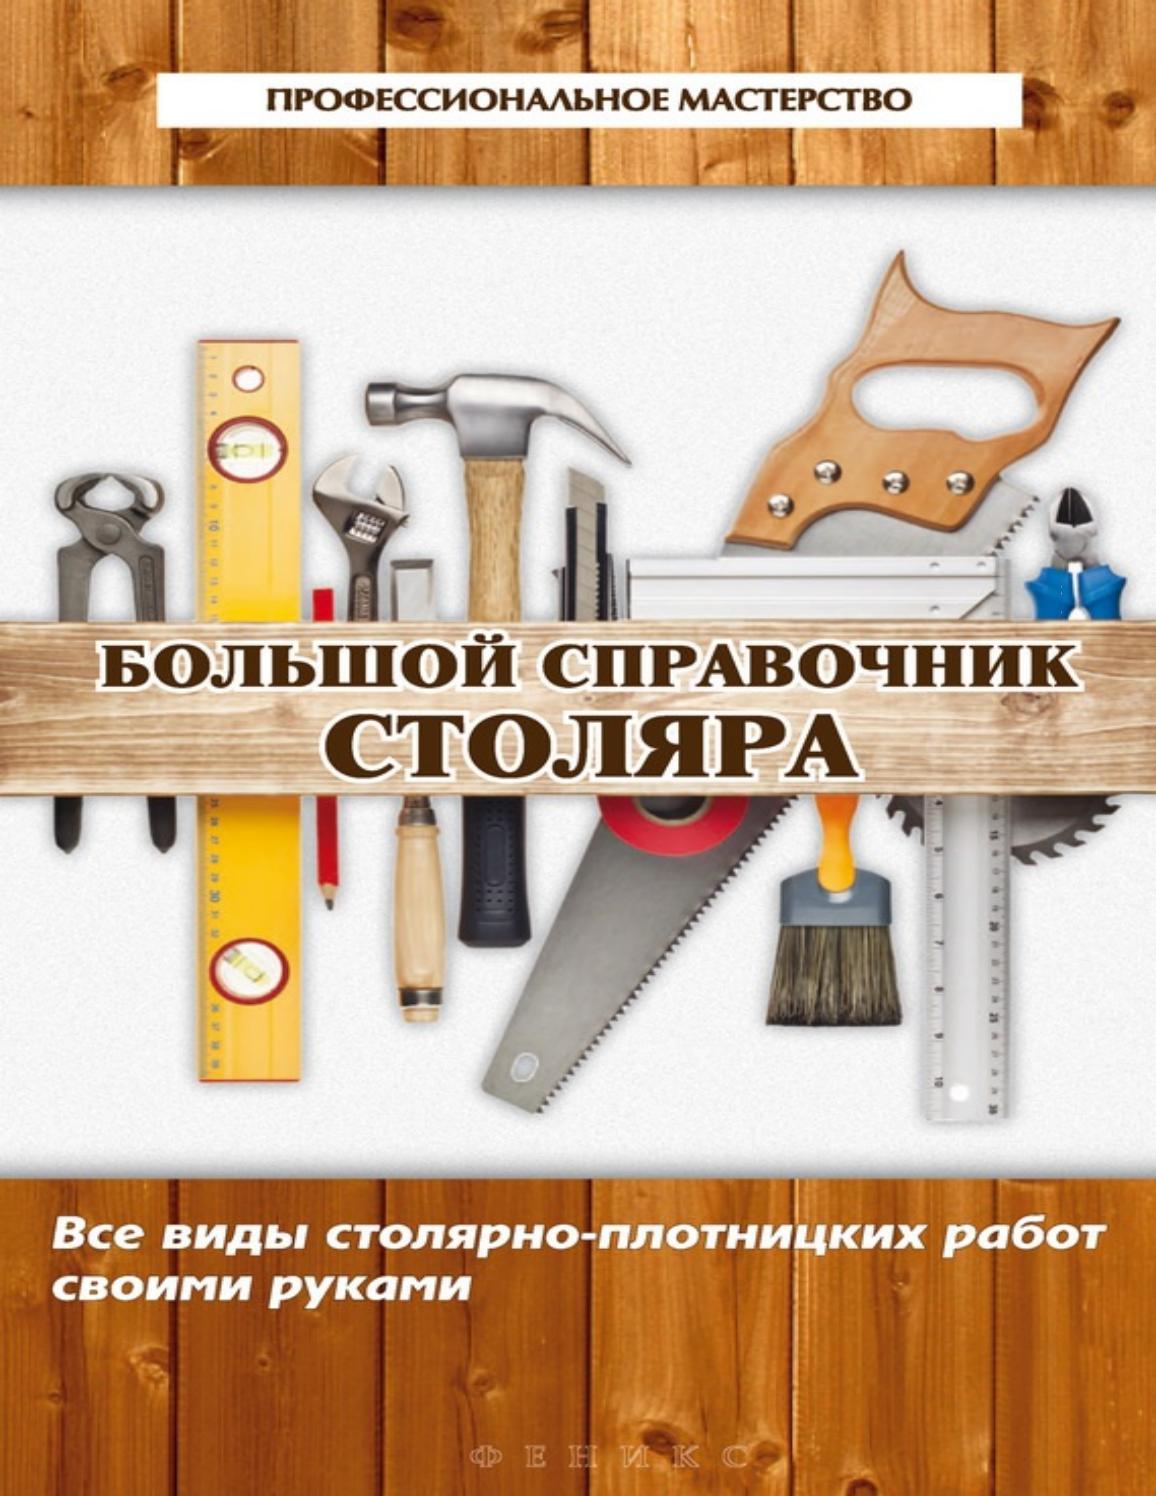 Столярные инструменты википедия